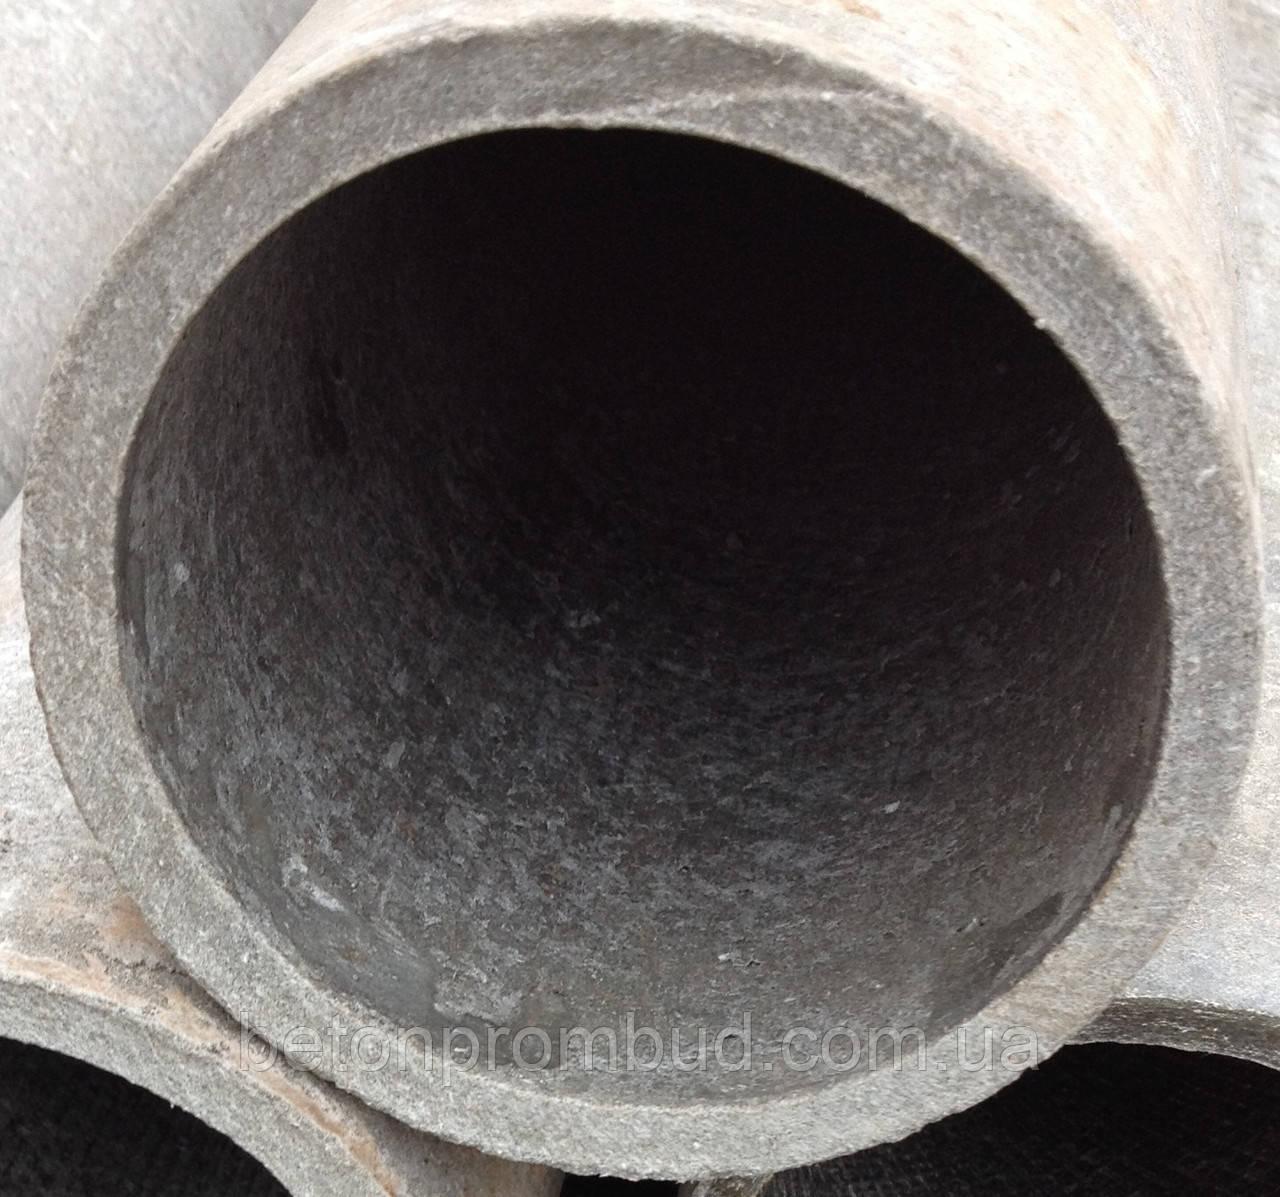 Труба асбестоцементная безнапорная d=200 мм